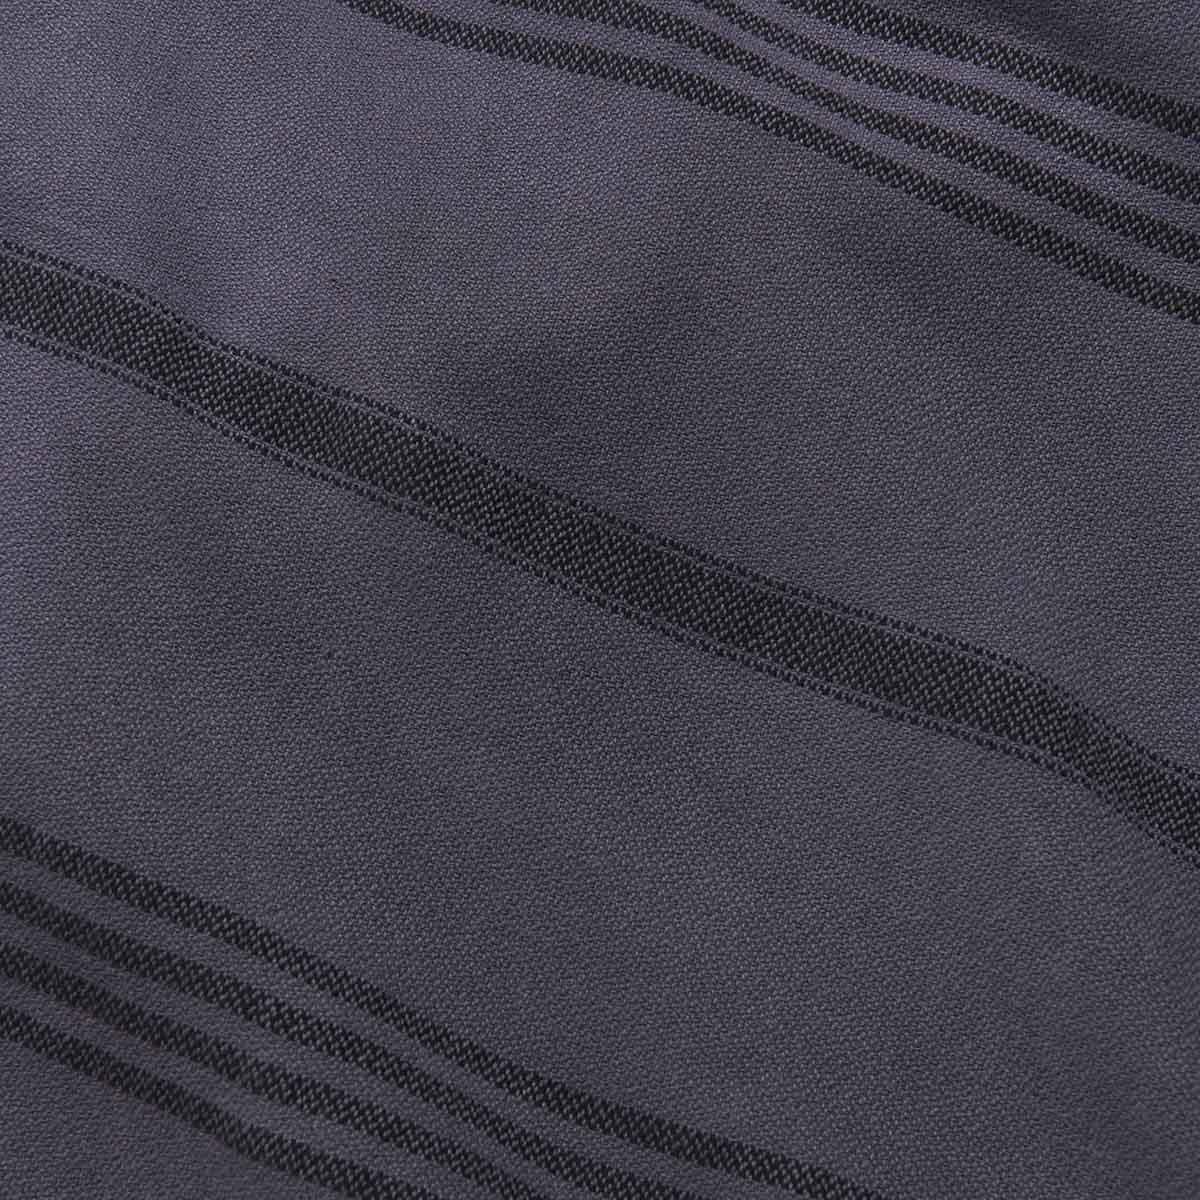 Peshtemal Devrim - Dark Grey / Dark Grey (StoneWashed)